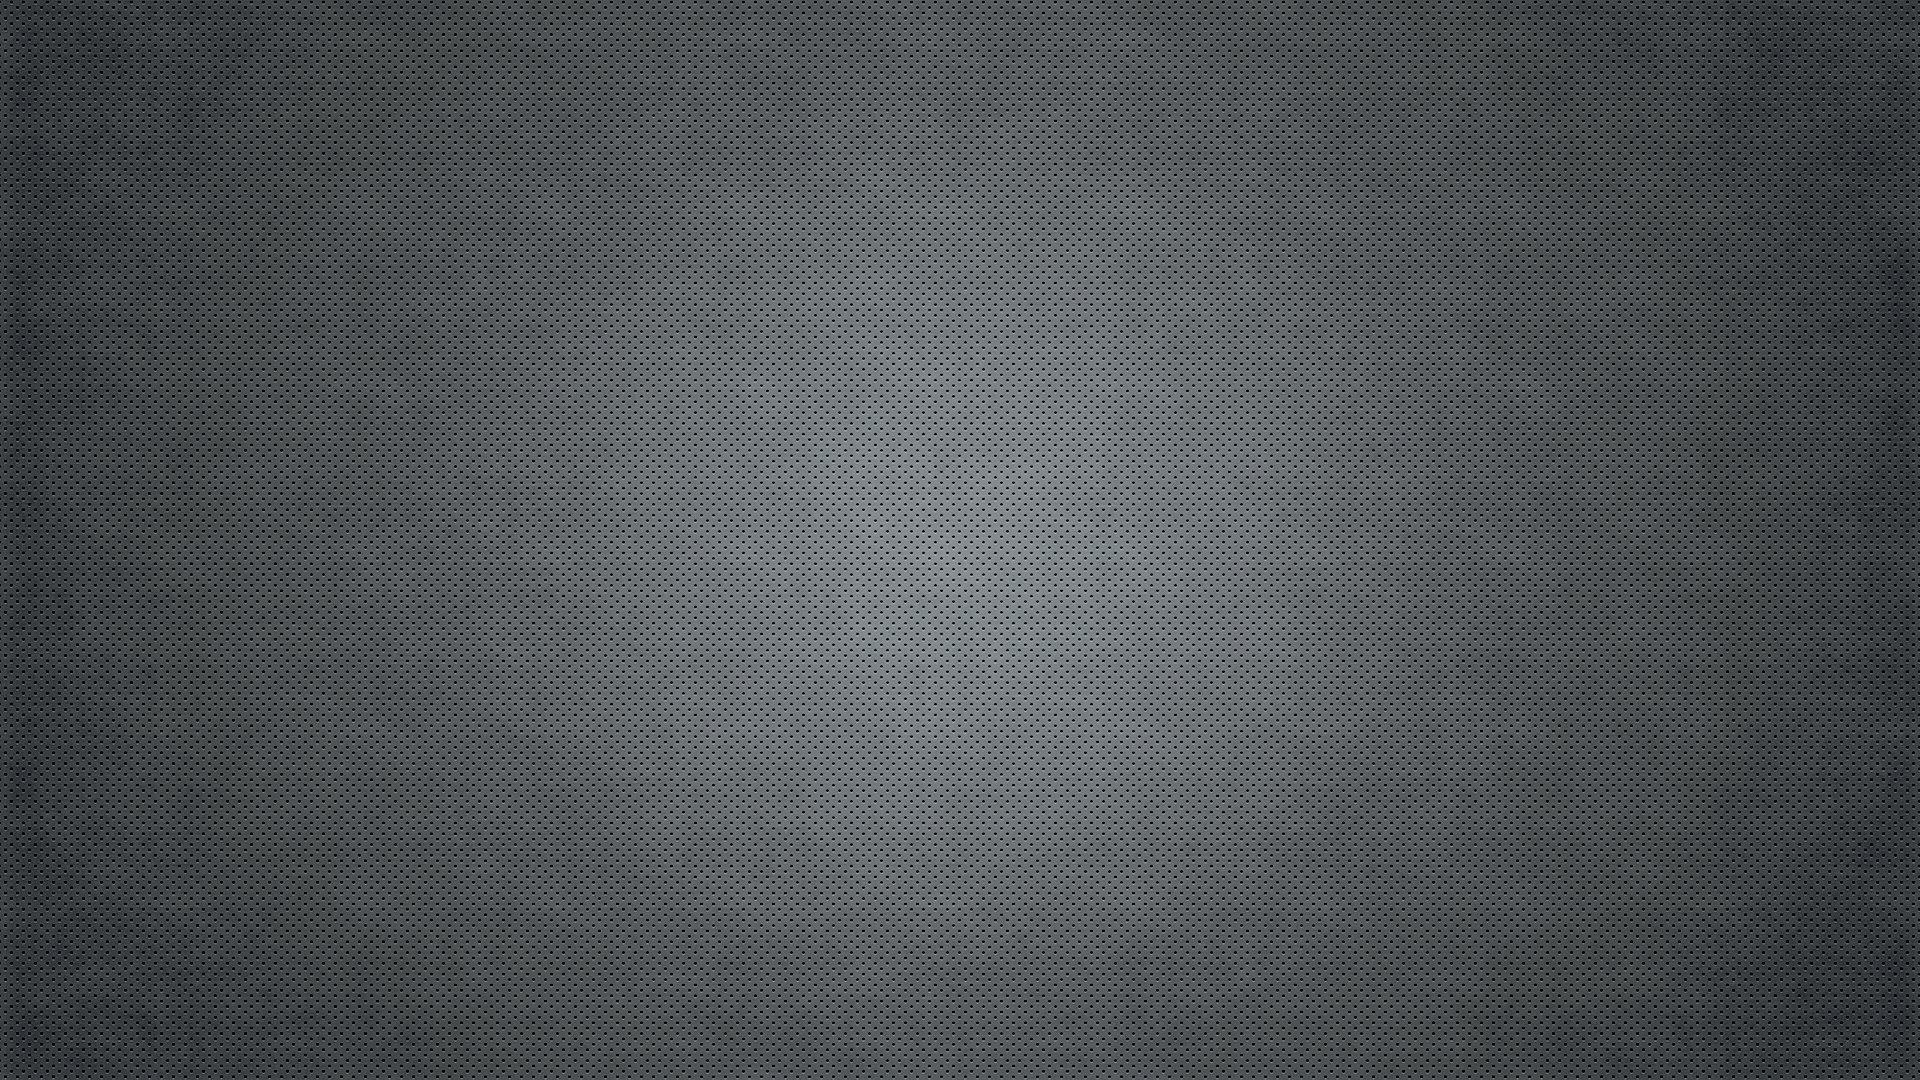 Grigio Hd Wallpaper Sfondi 1920x1080 Id379425 Wallpaper Abyss